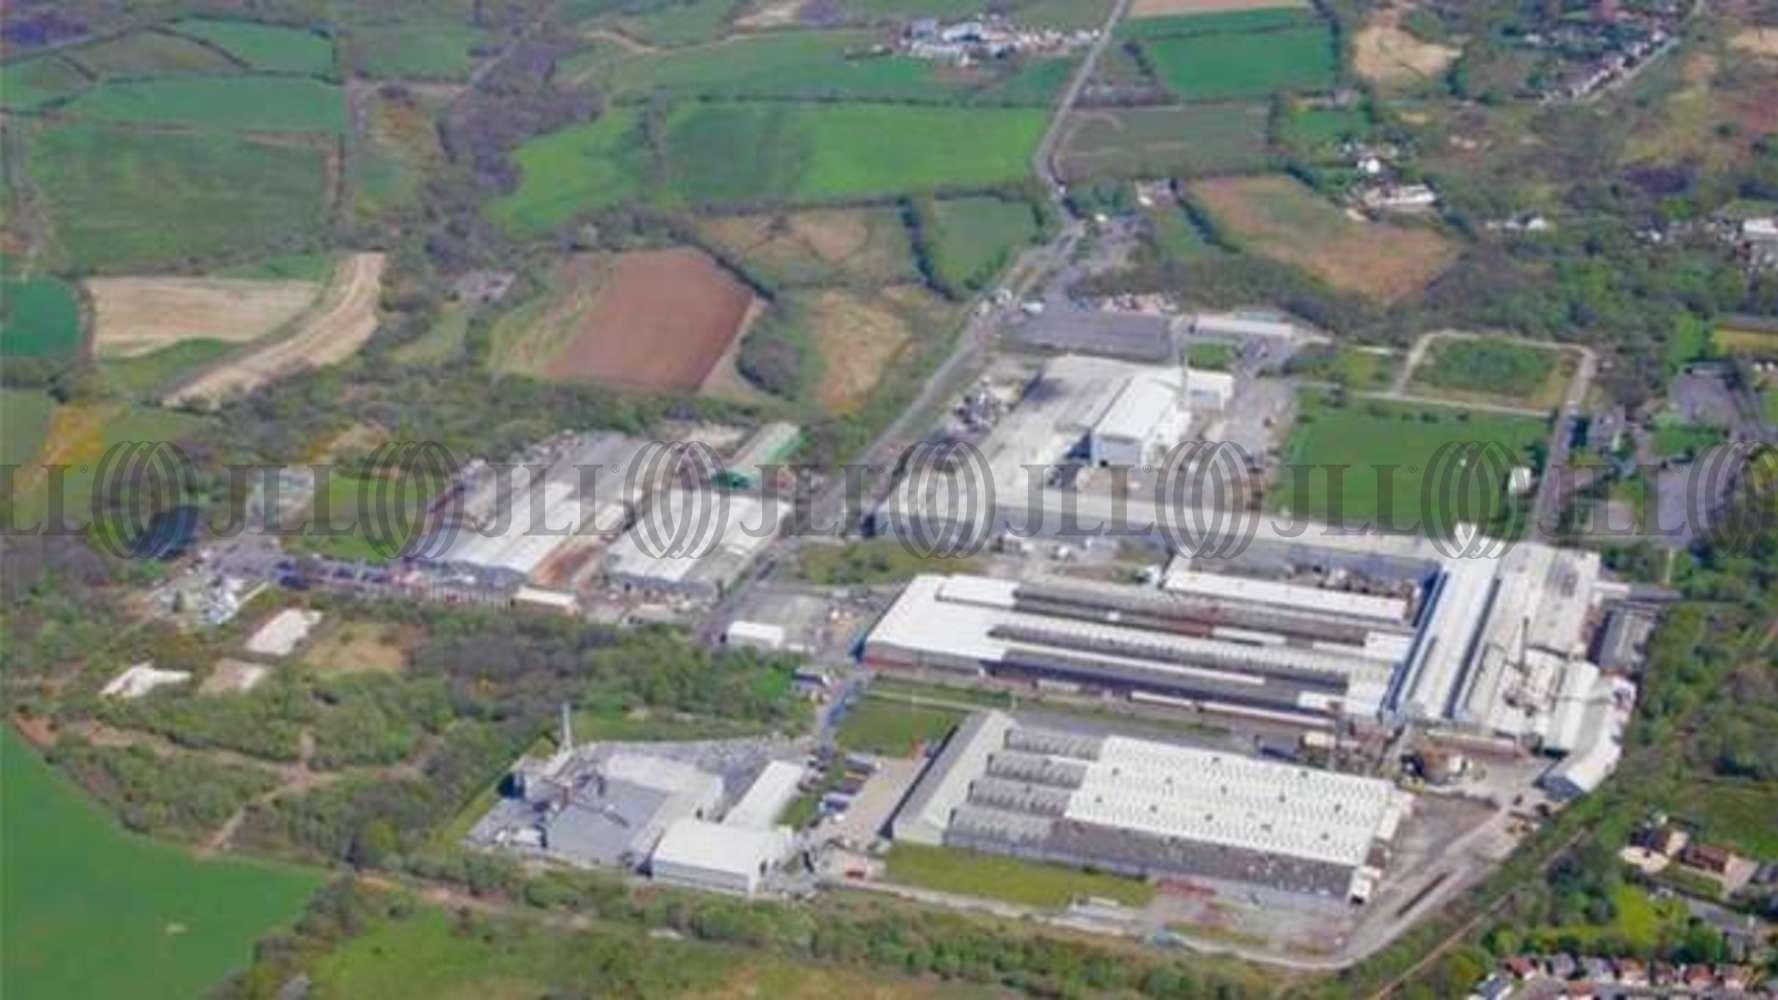 Industrial Swansea, SA5 4SF - Storage/ Yard Space, Westfield Industrial Park